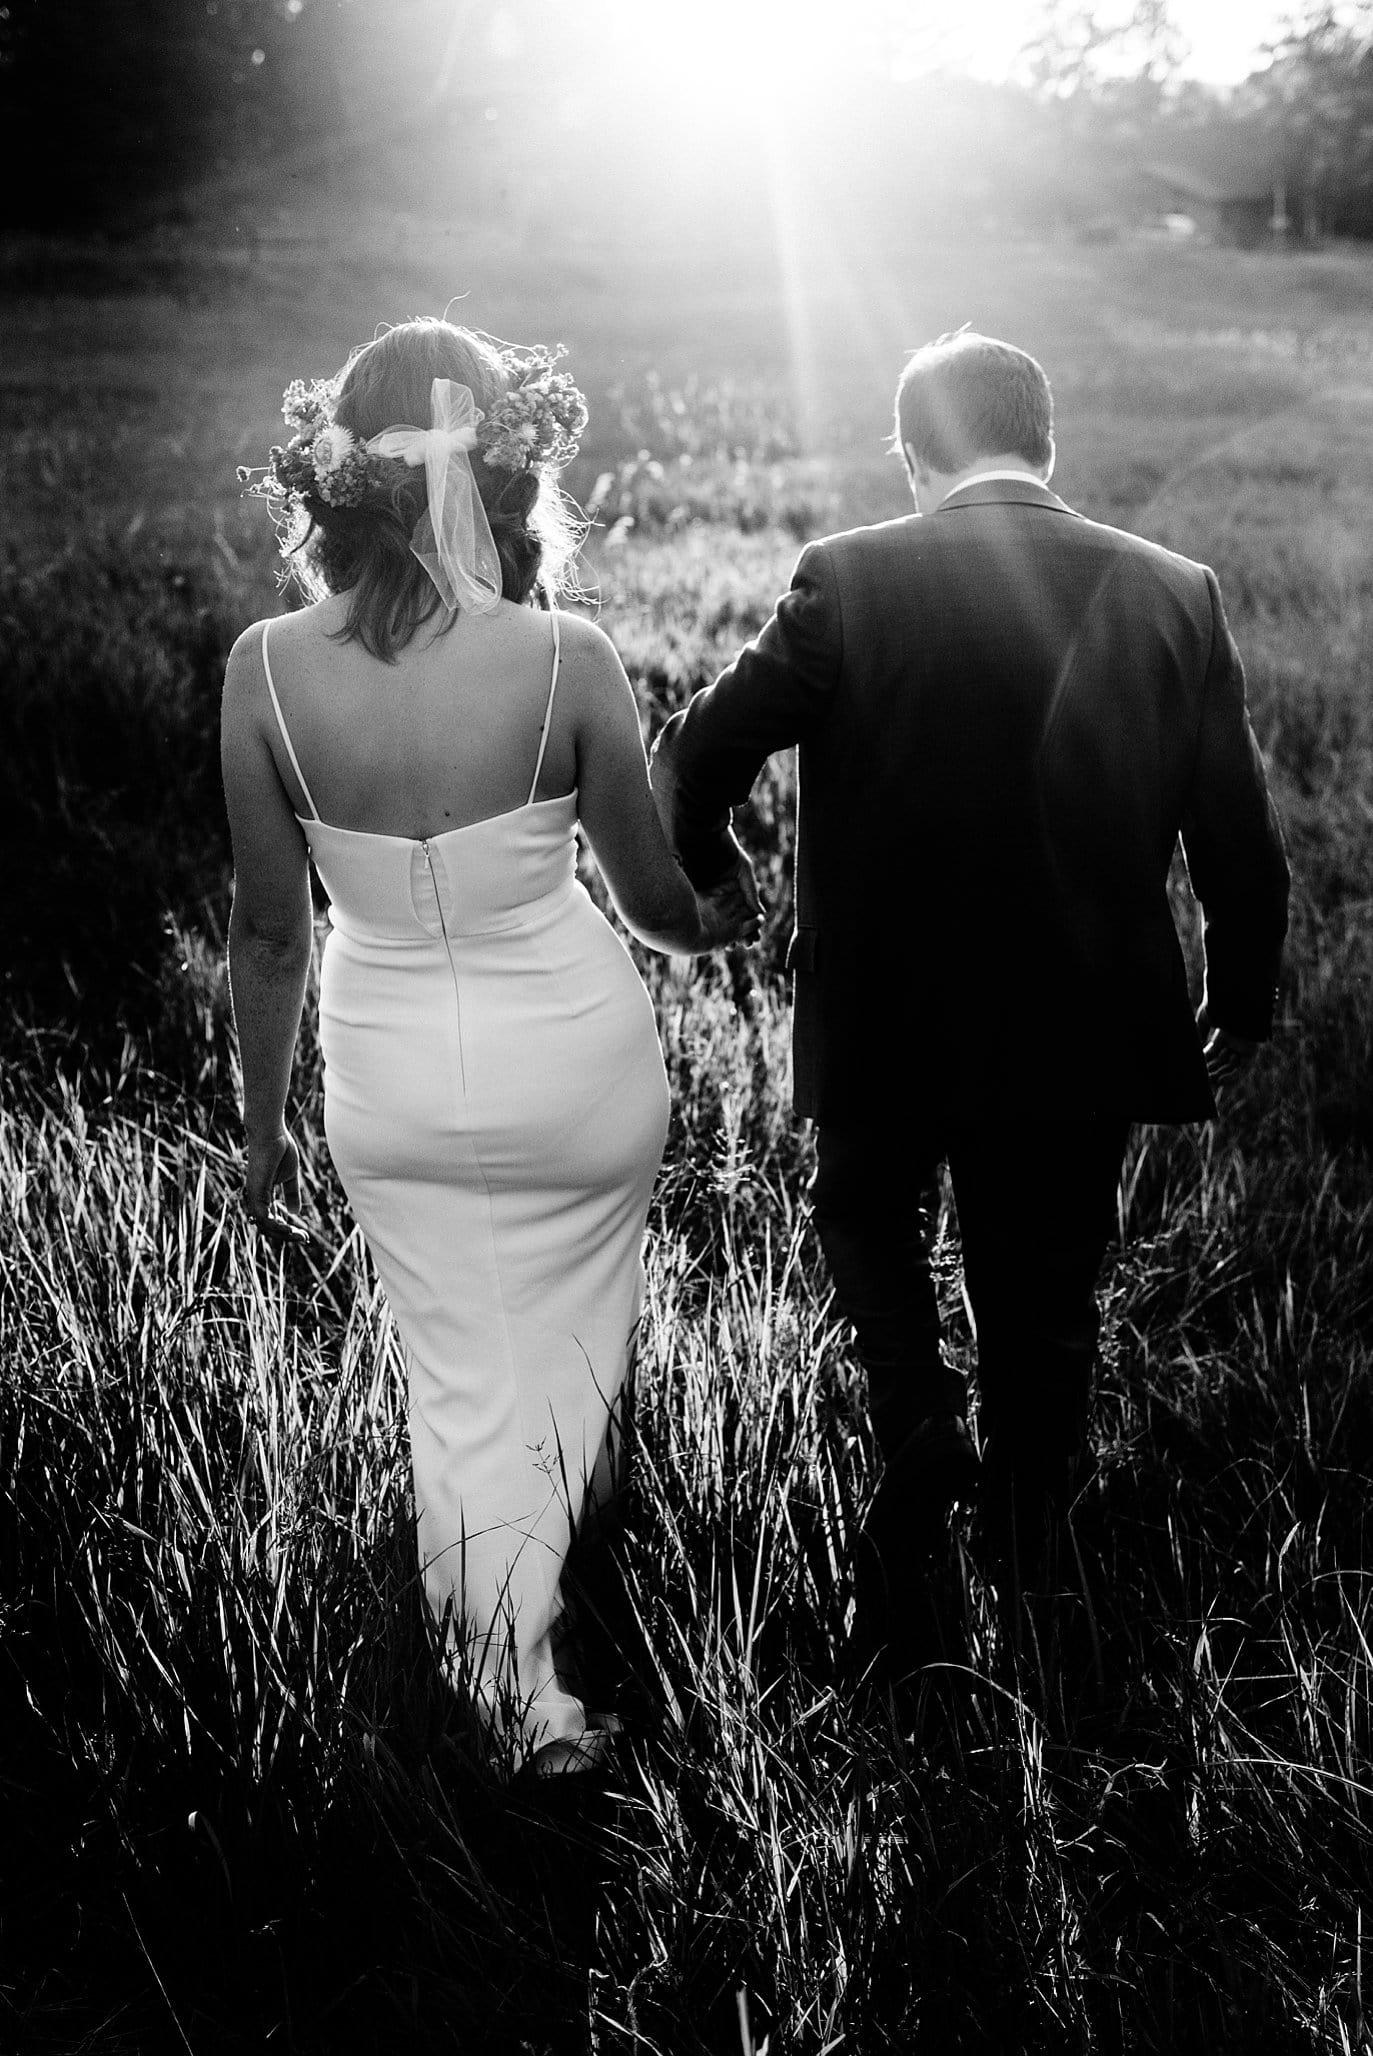 sunset walk on wedding day photo